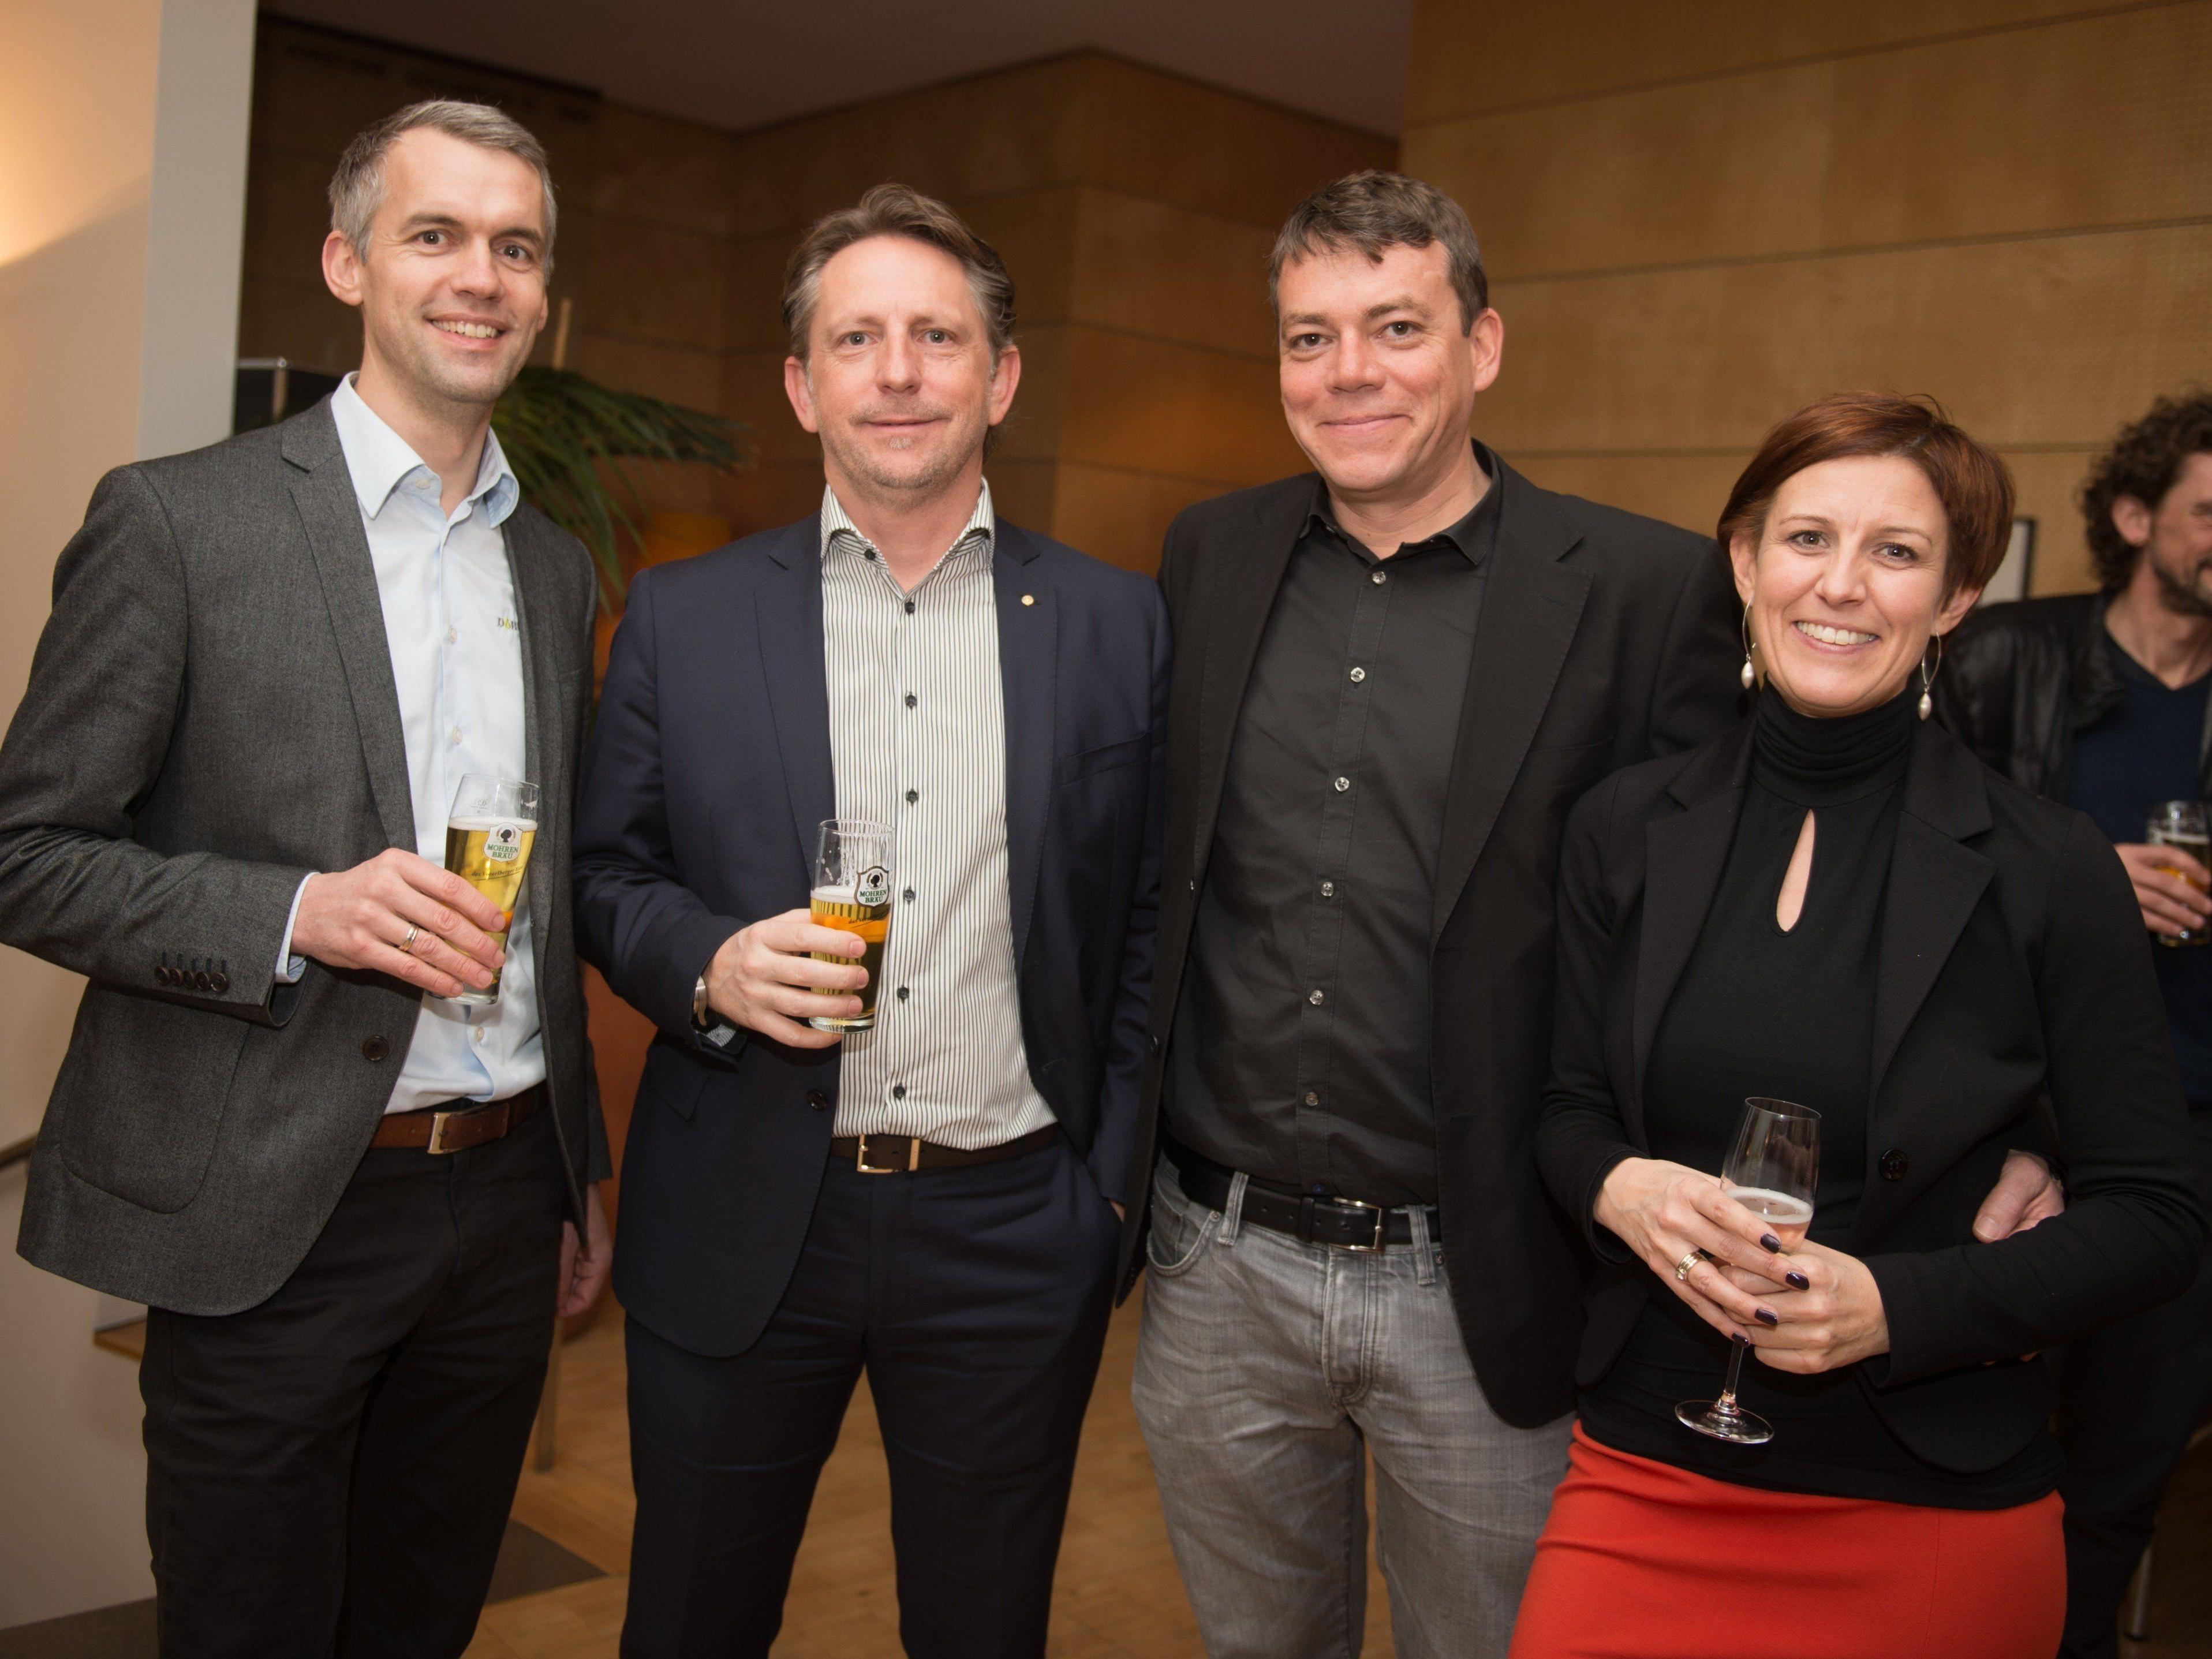 Inside Mitglieder trafen sich zum Opening - Dornbirn | VOL.AT